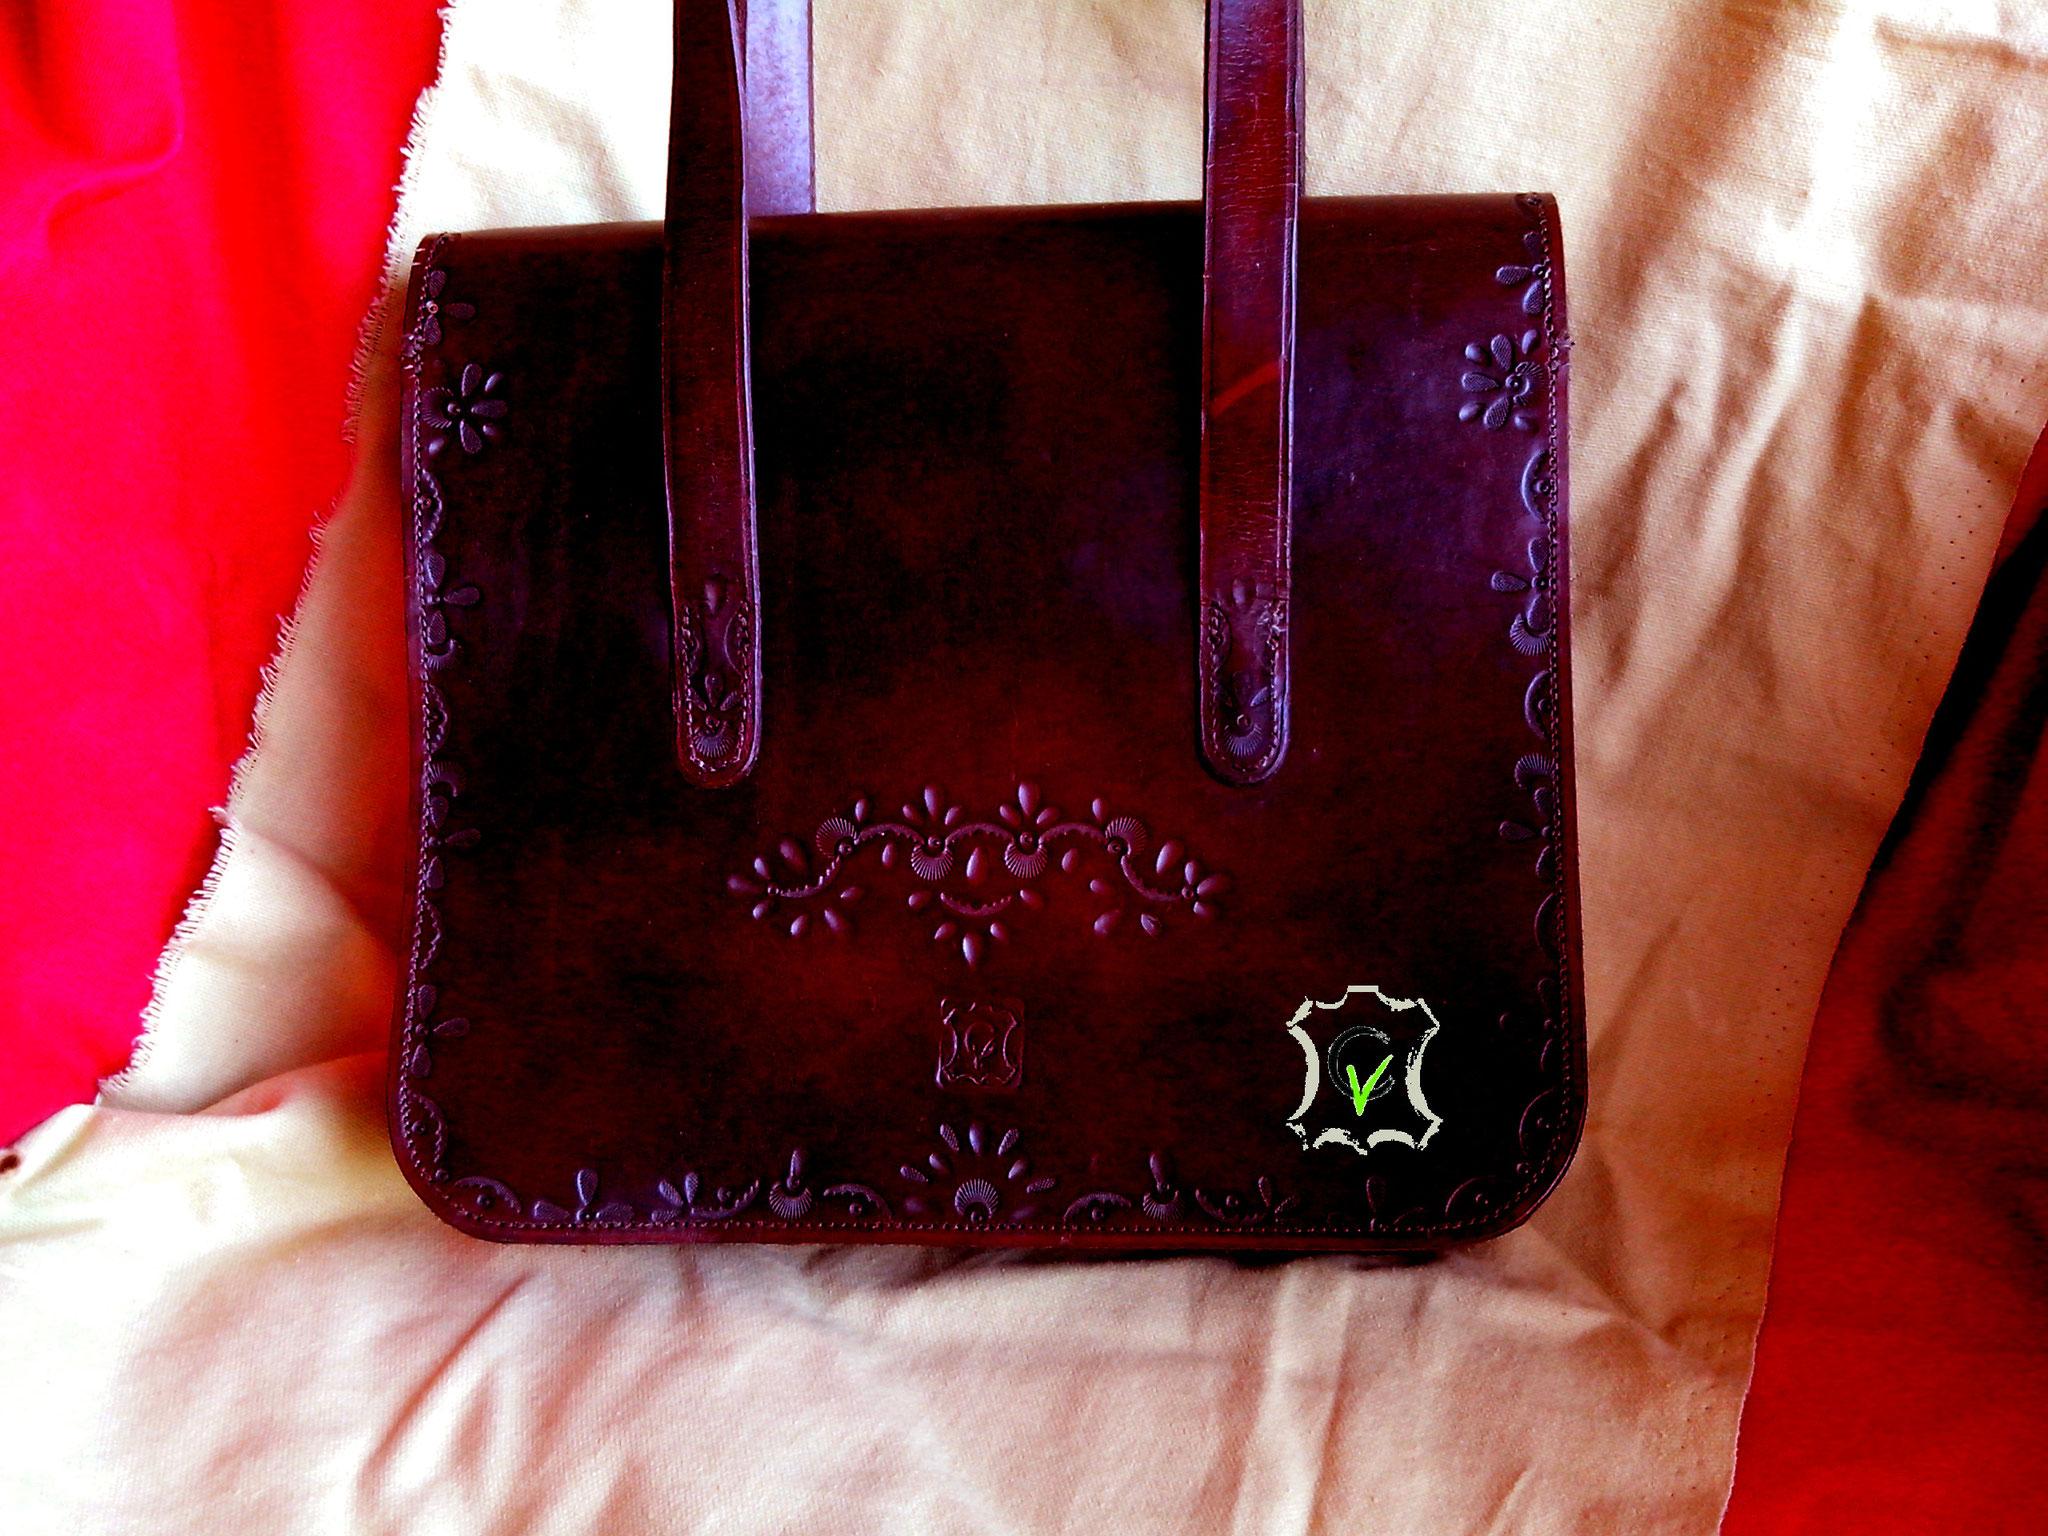 sac à main en cuir tannage végétal teinté brun avec motif par martelage